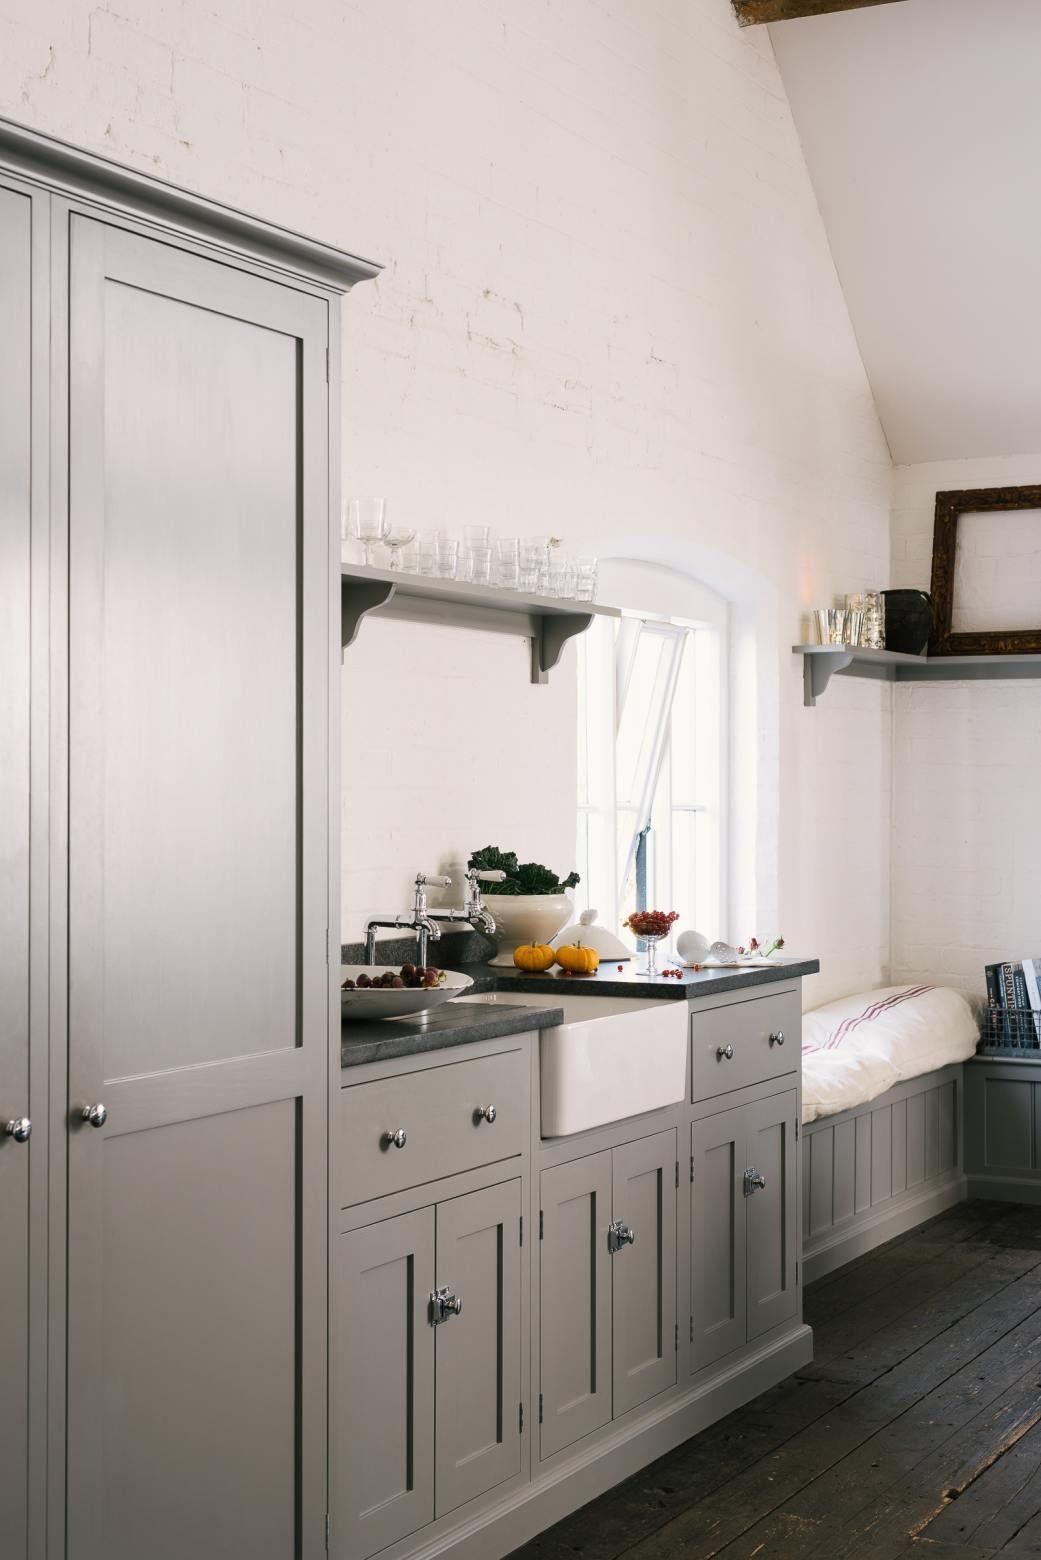 The Loft Kitchen   deVOL Kitchens   Loft kitchen, Kitchen ...